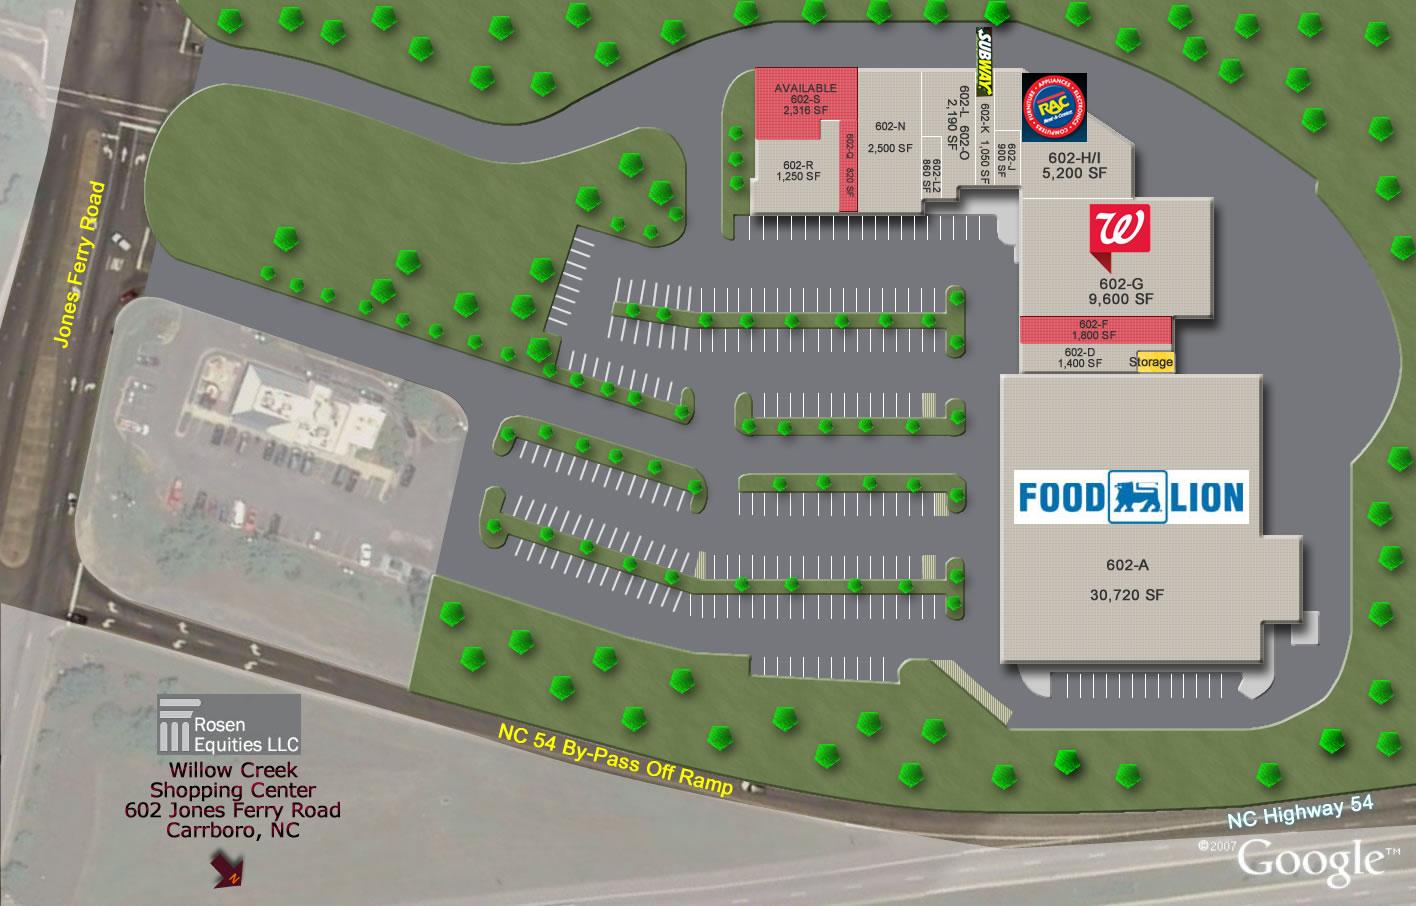 Willow Creek Shopping Center Siteplan